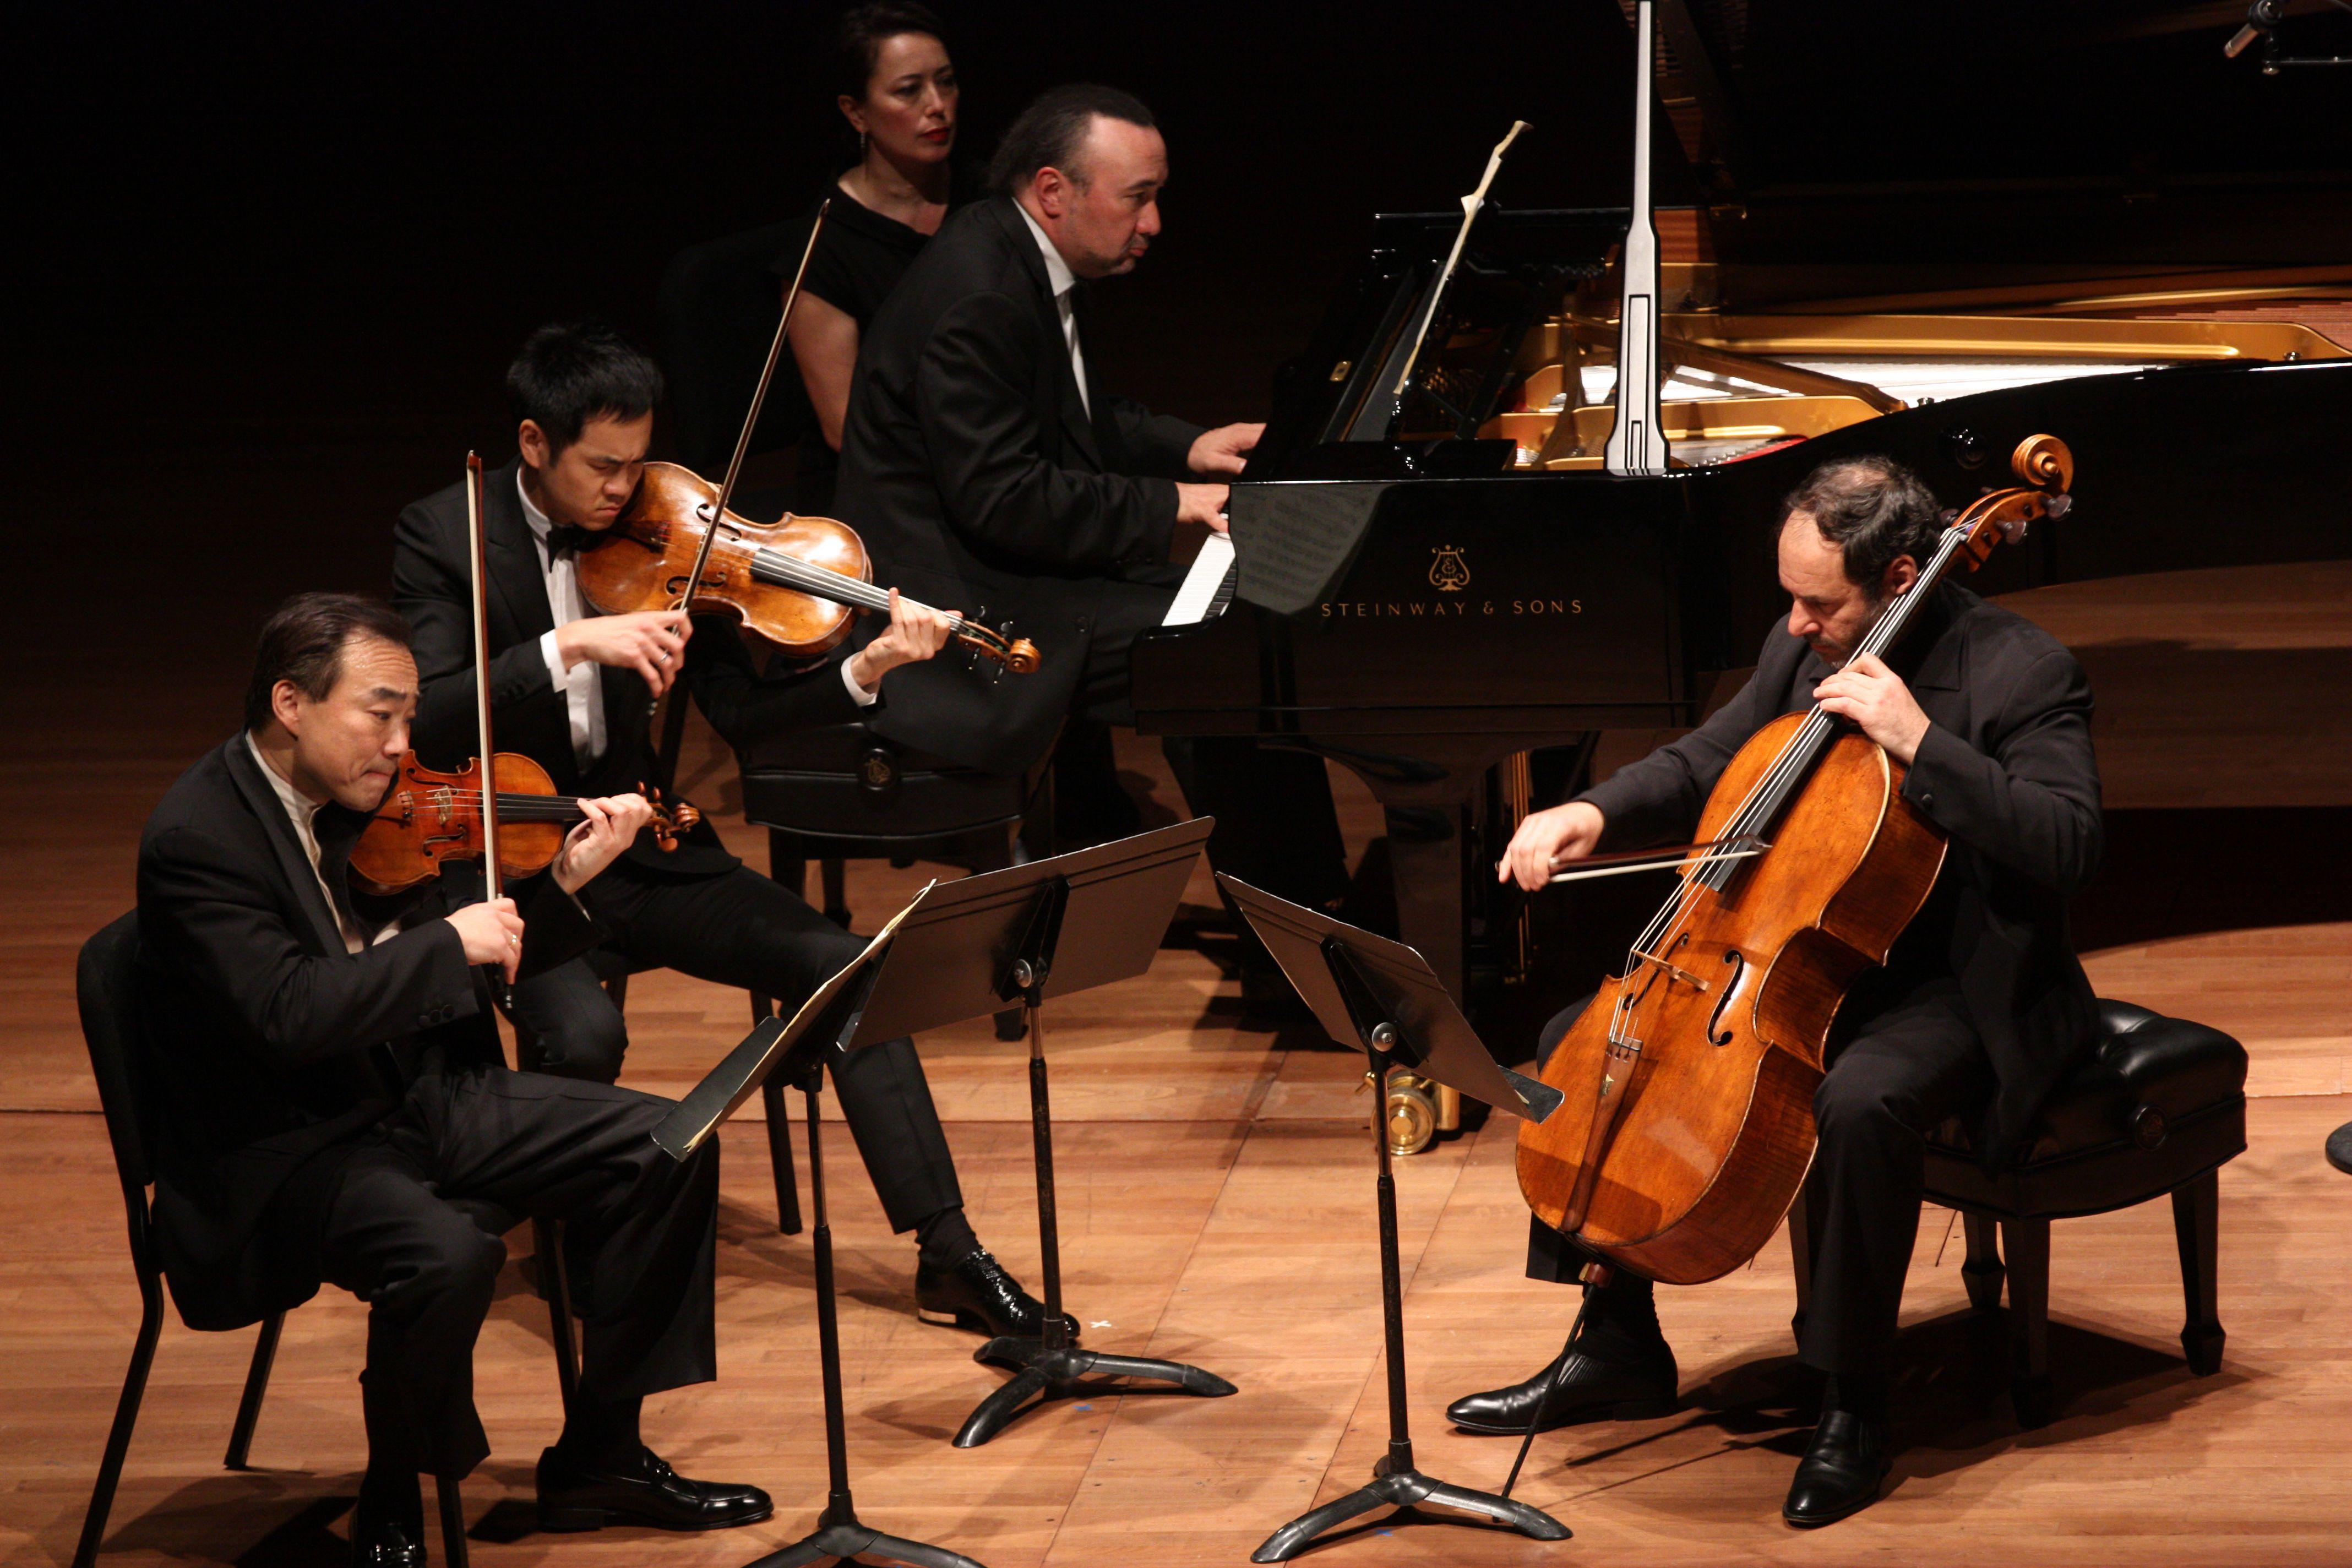 Шедевры классической музыки